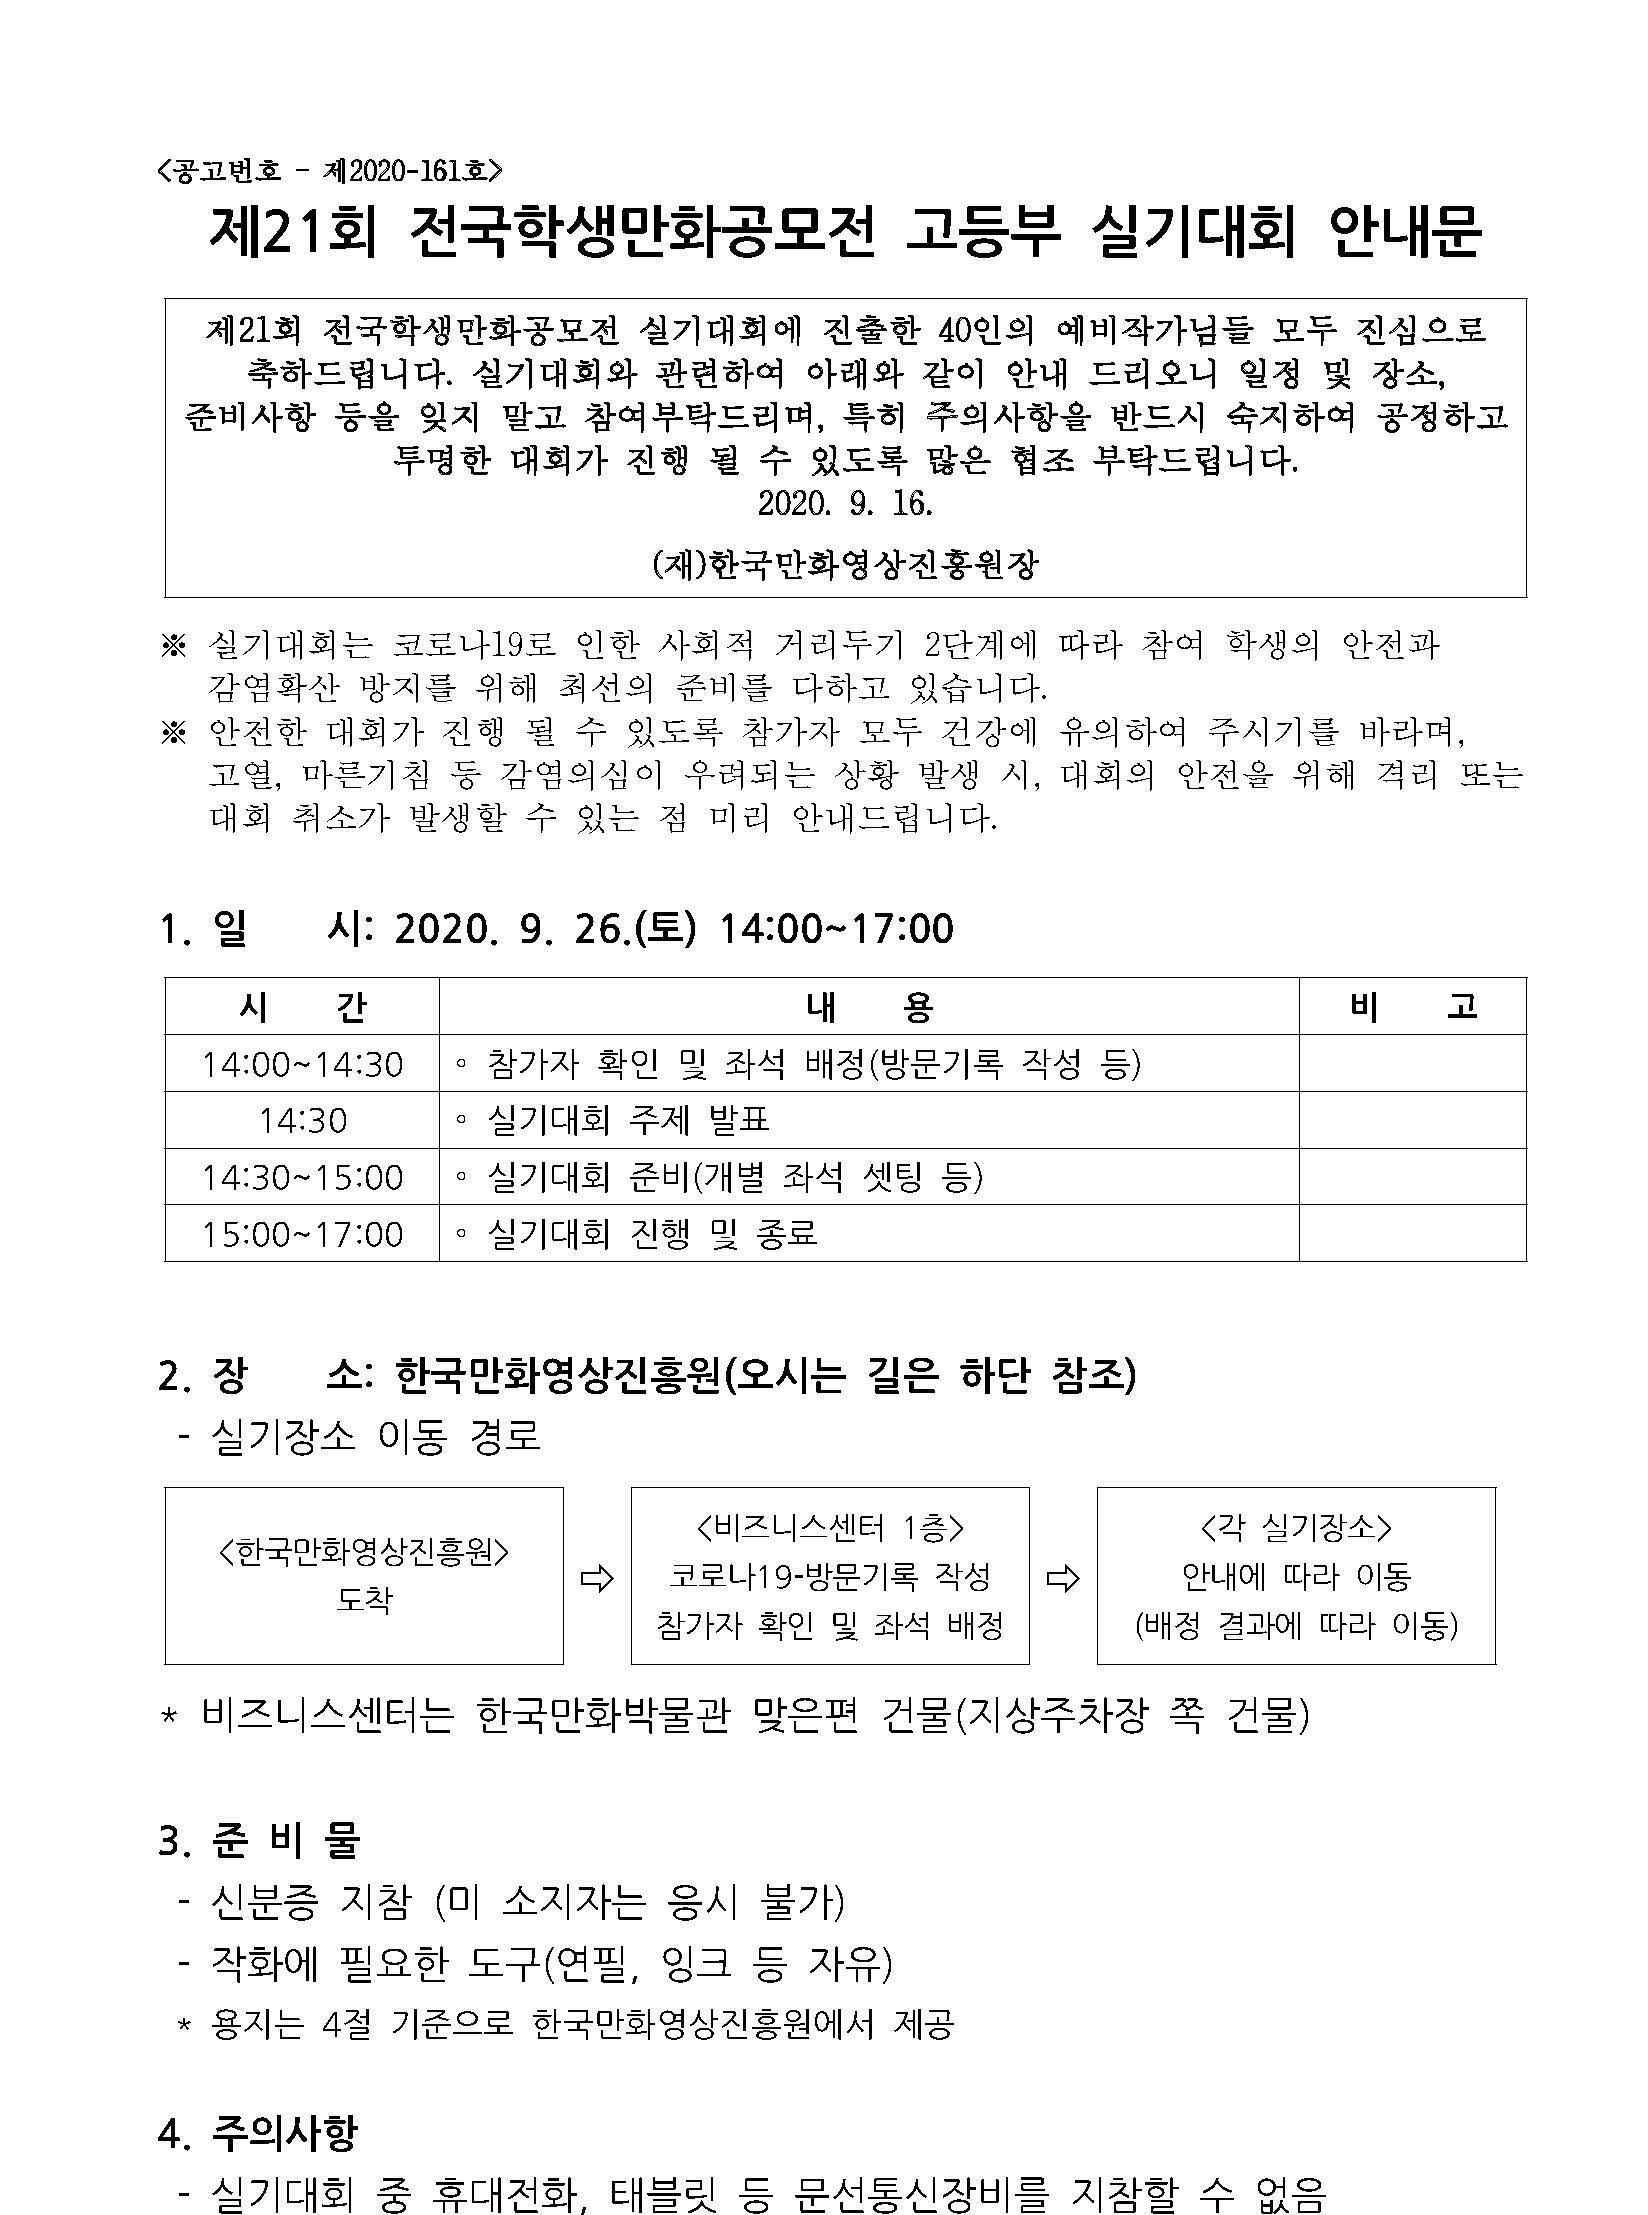 제21회 전국학생만화공모전 실기대회 안내문_페이지_1.jpg